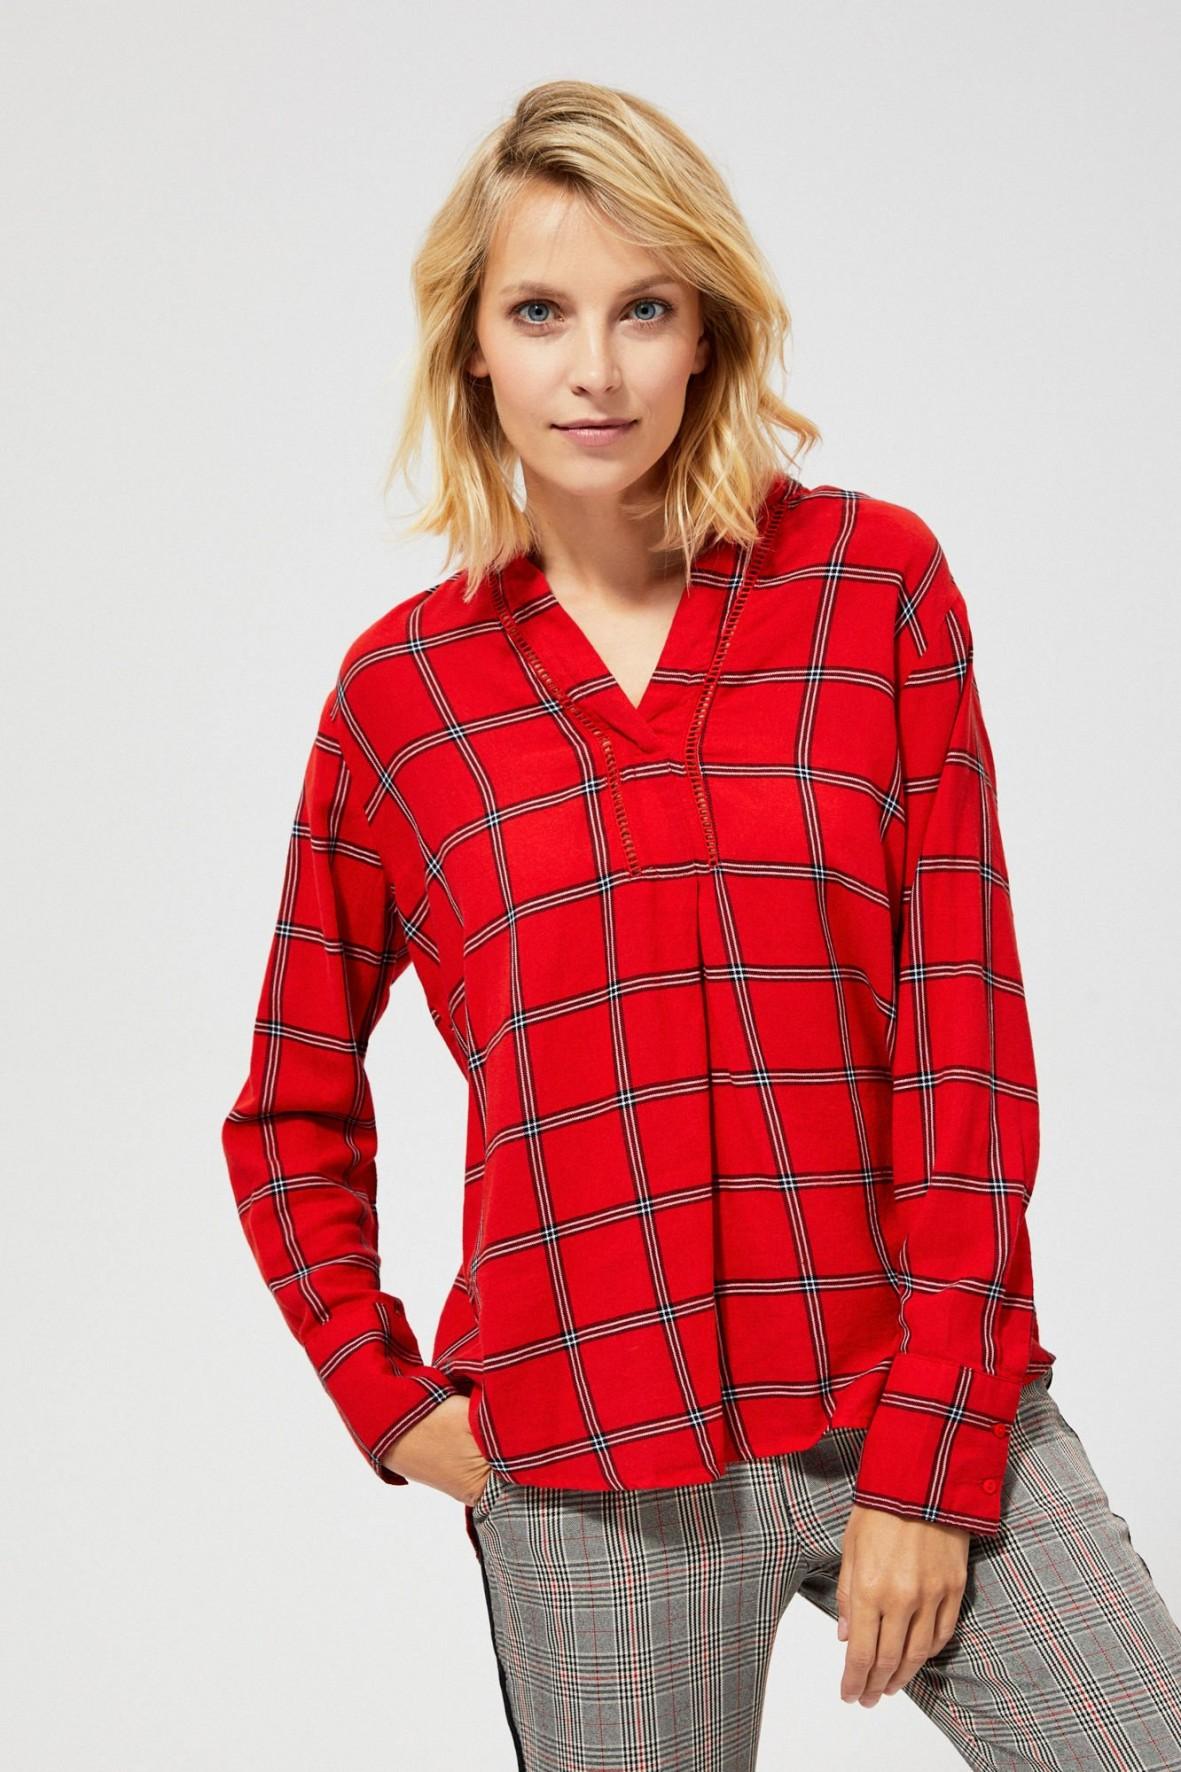 Czerwona koszula w kratkę z ażurową wstawką